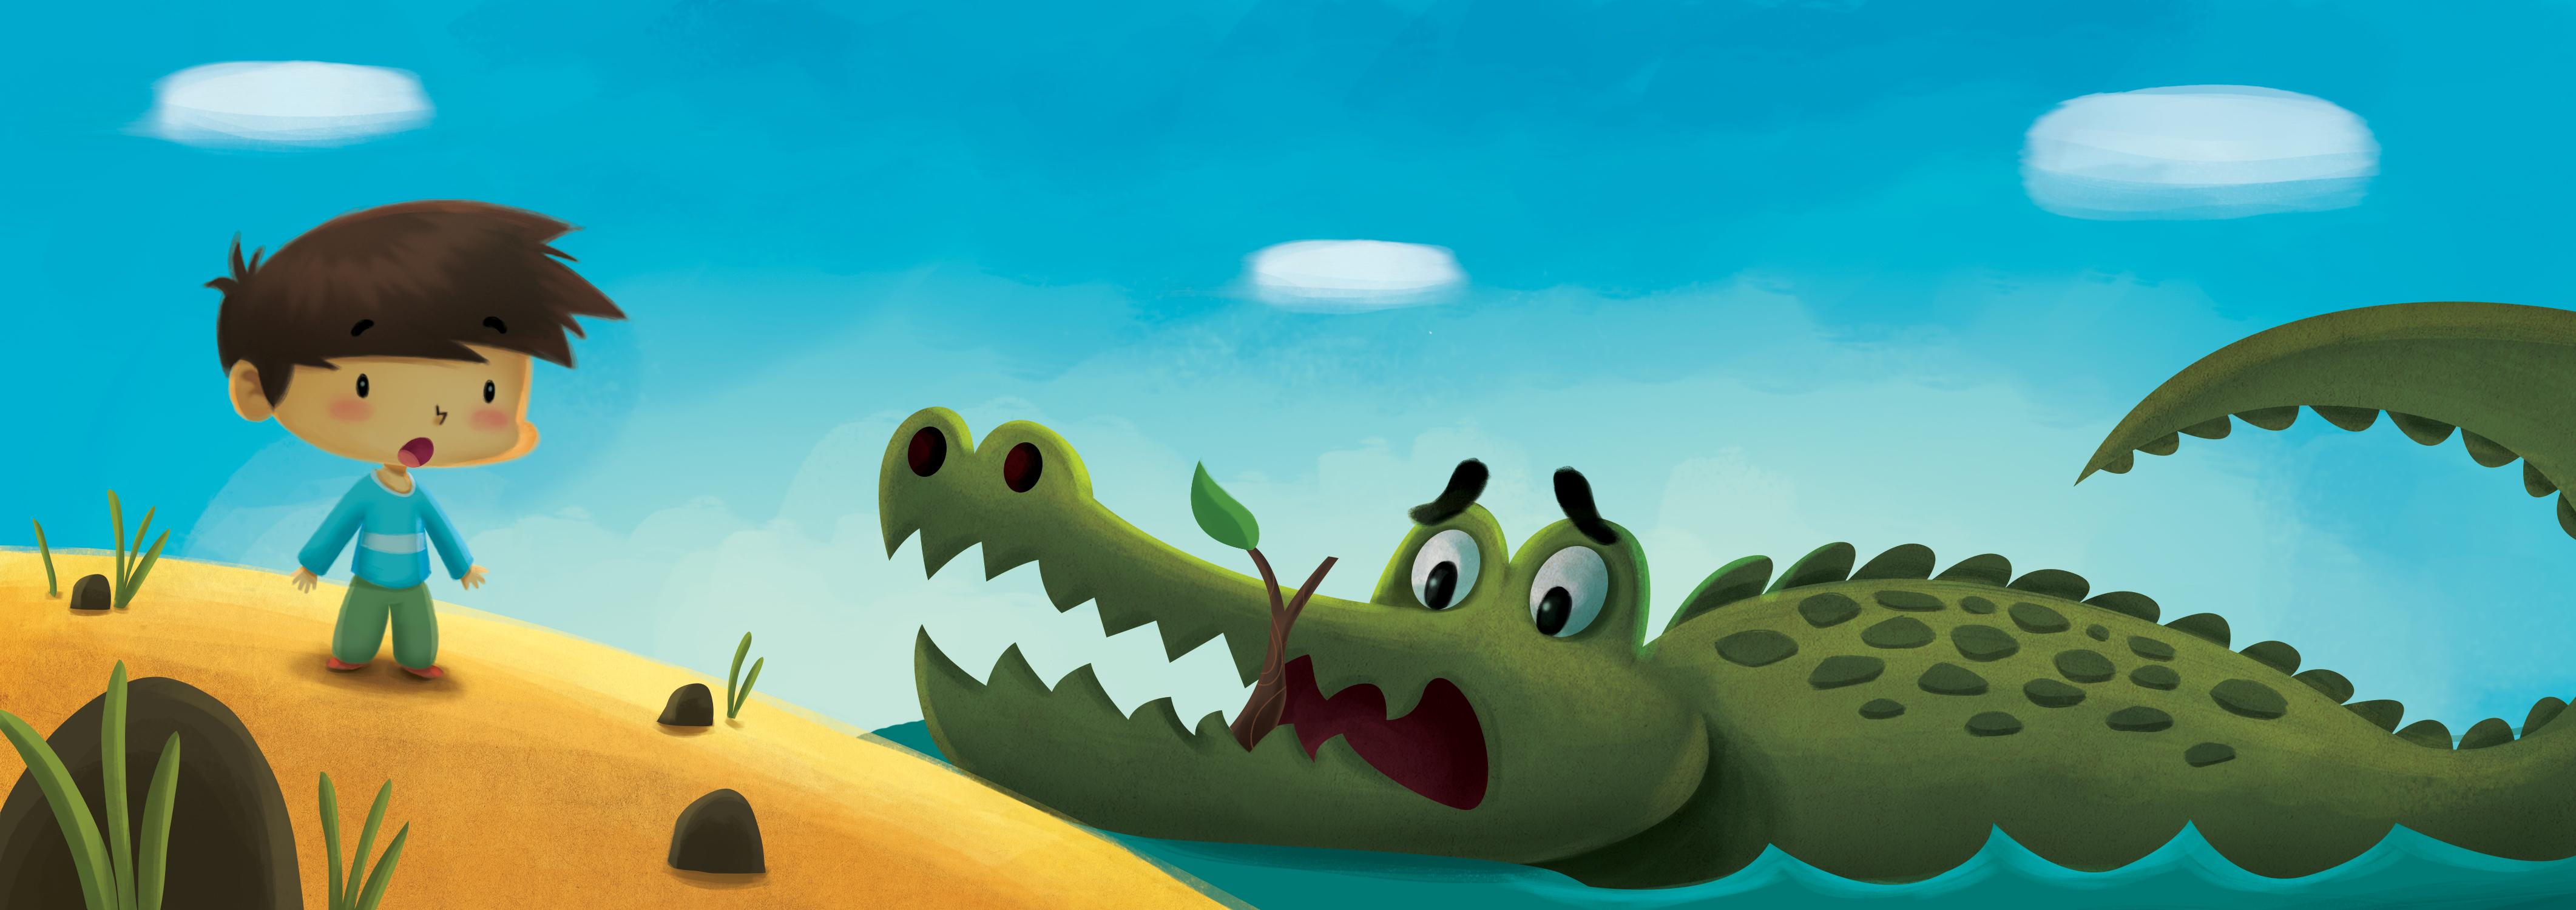 Crocodile-SPREAD-1-FA